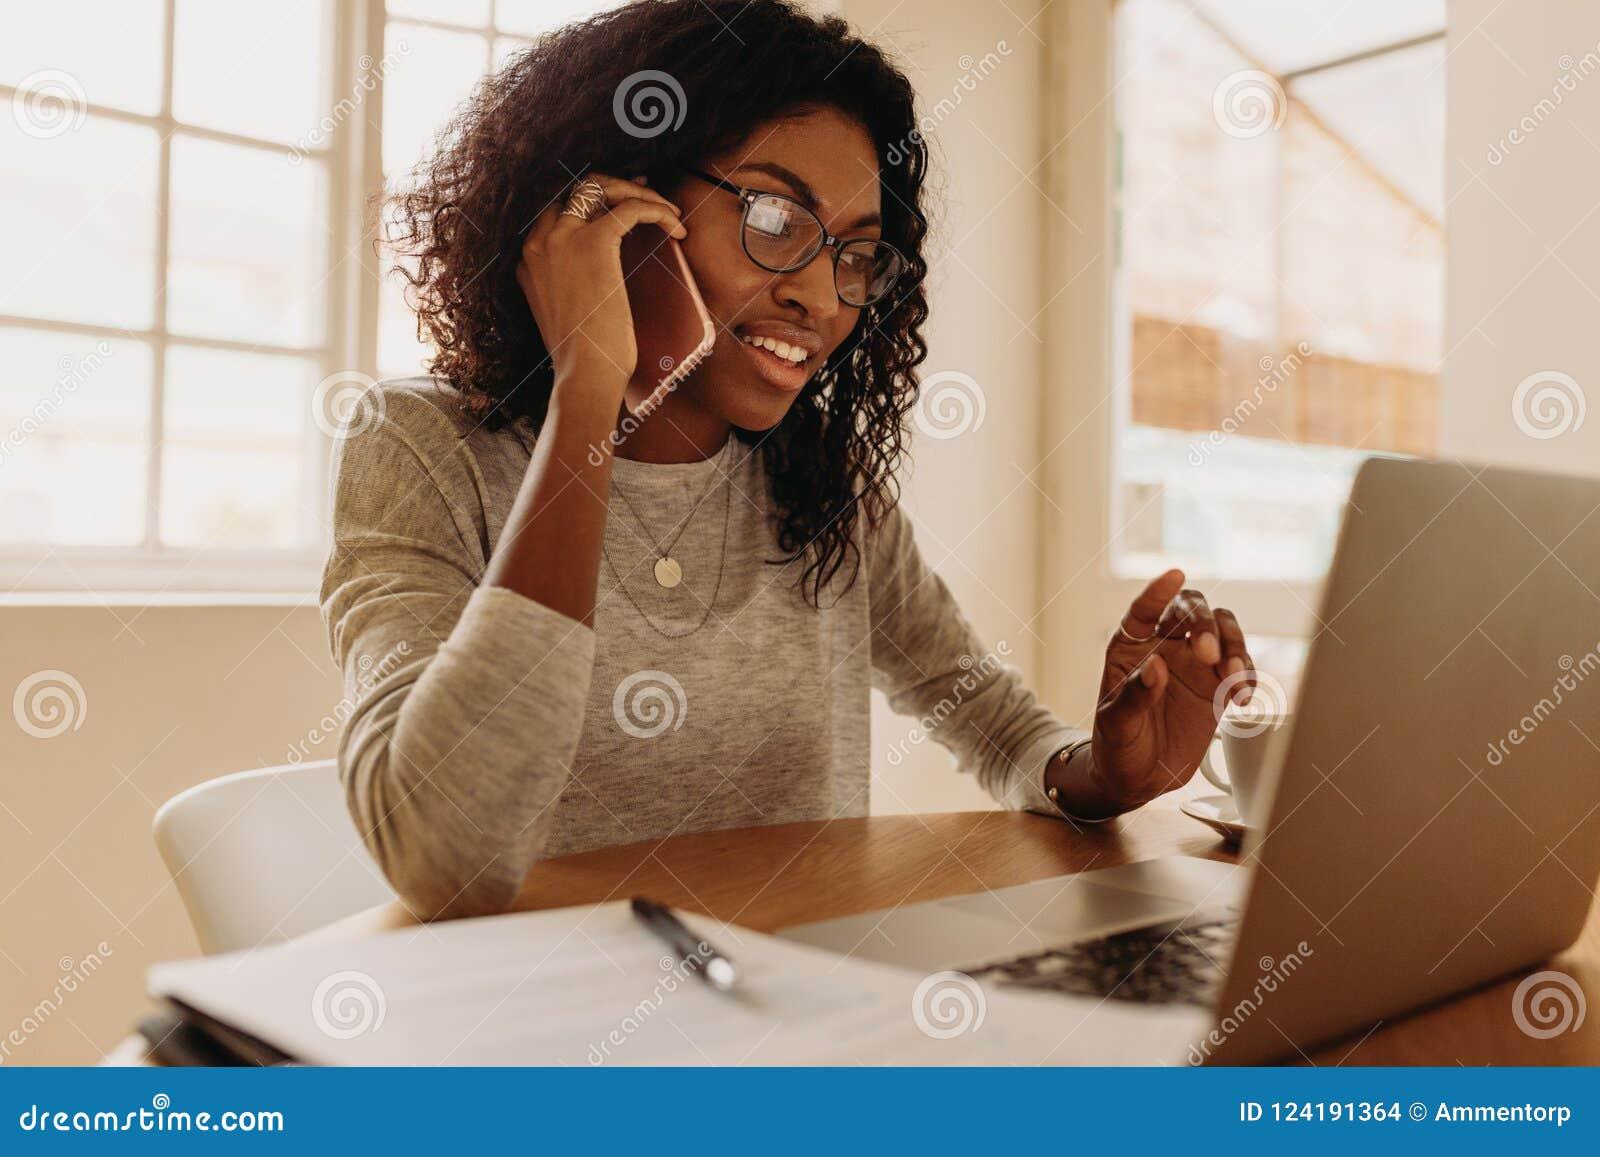 Kobieta przedsiębiorcy dyrekcyjny biznes od domu z telefonem komórkowym